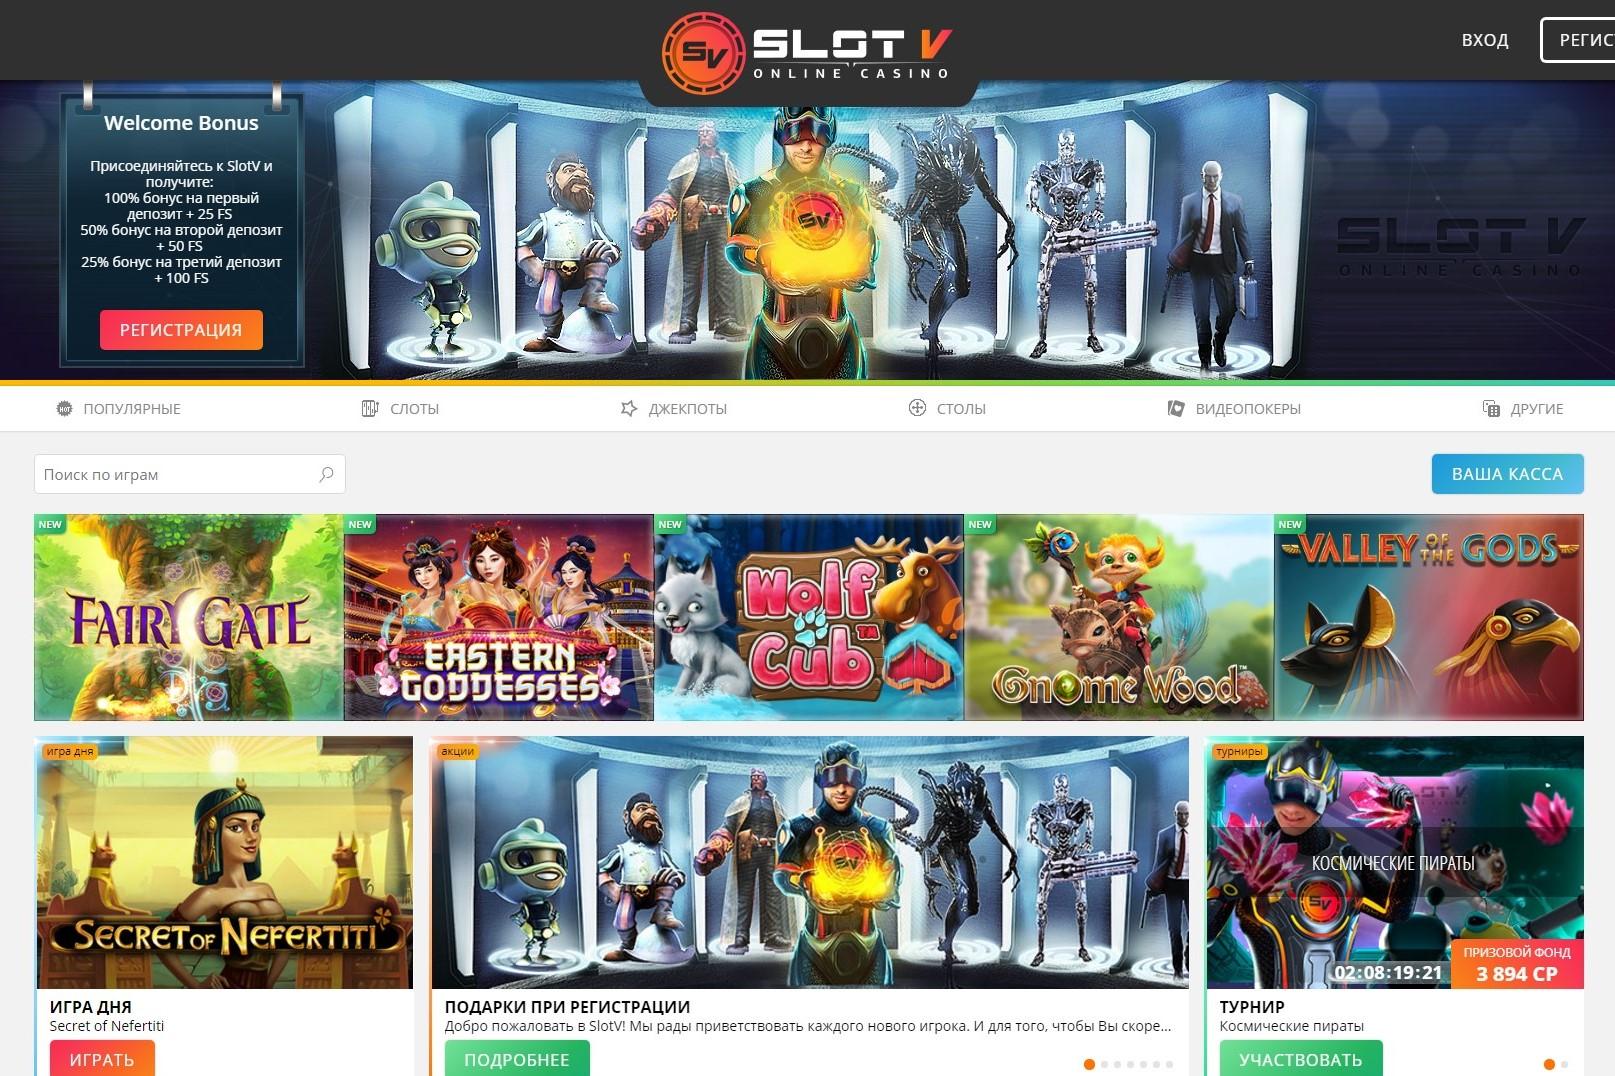 slot v официальный сайт